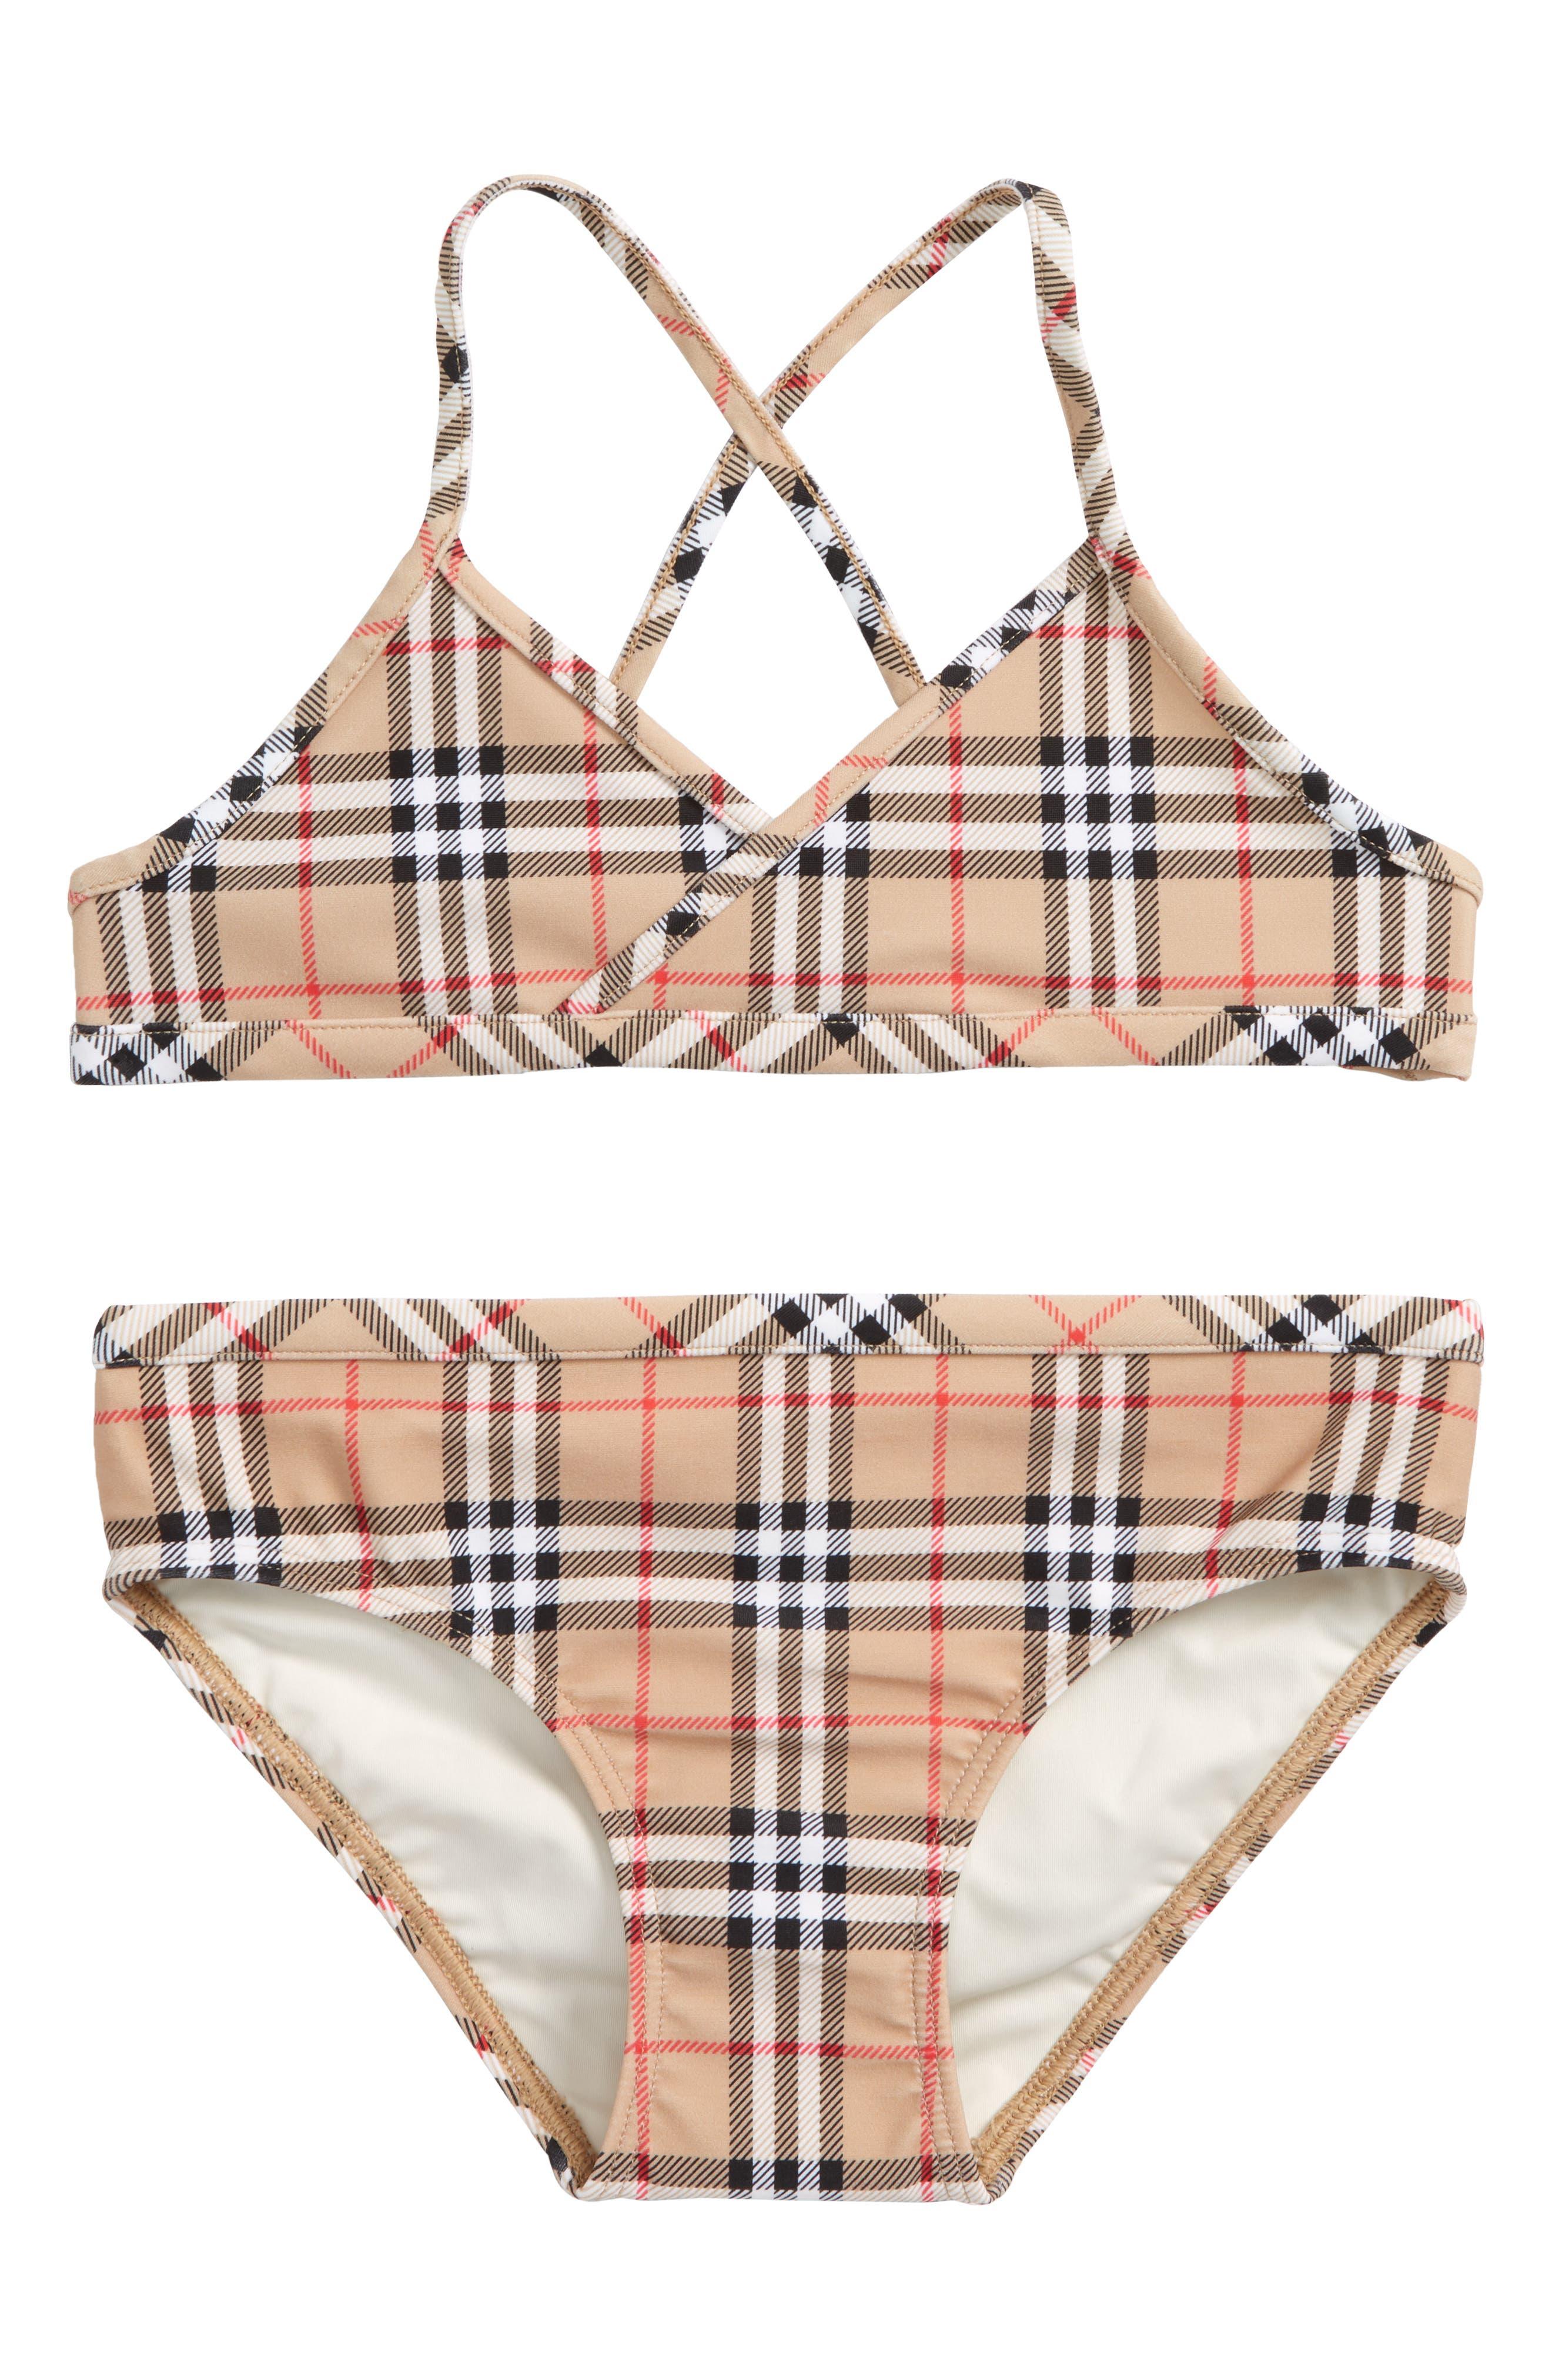 Burberry Bikini Sizing